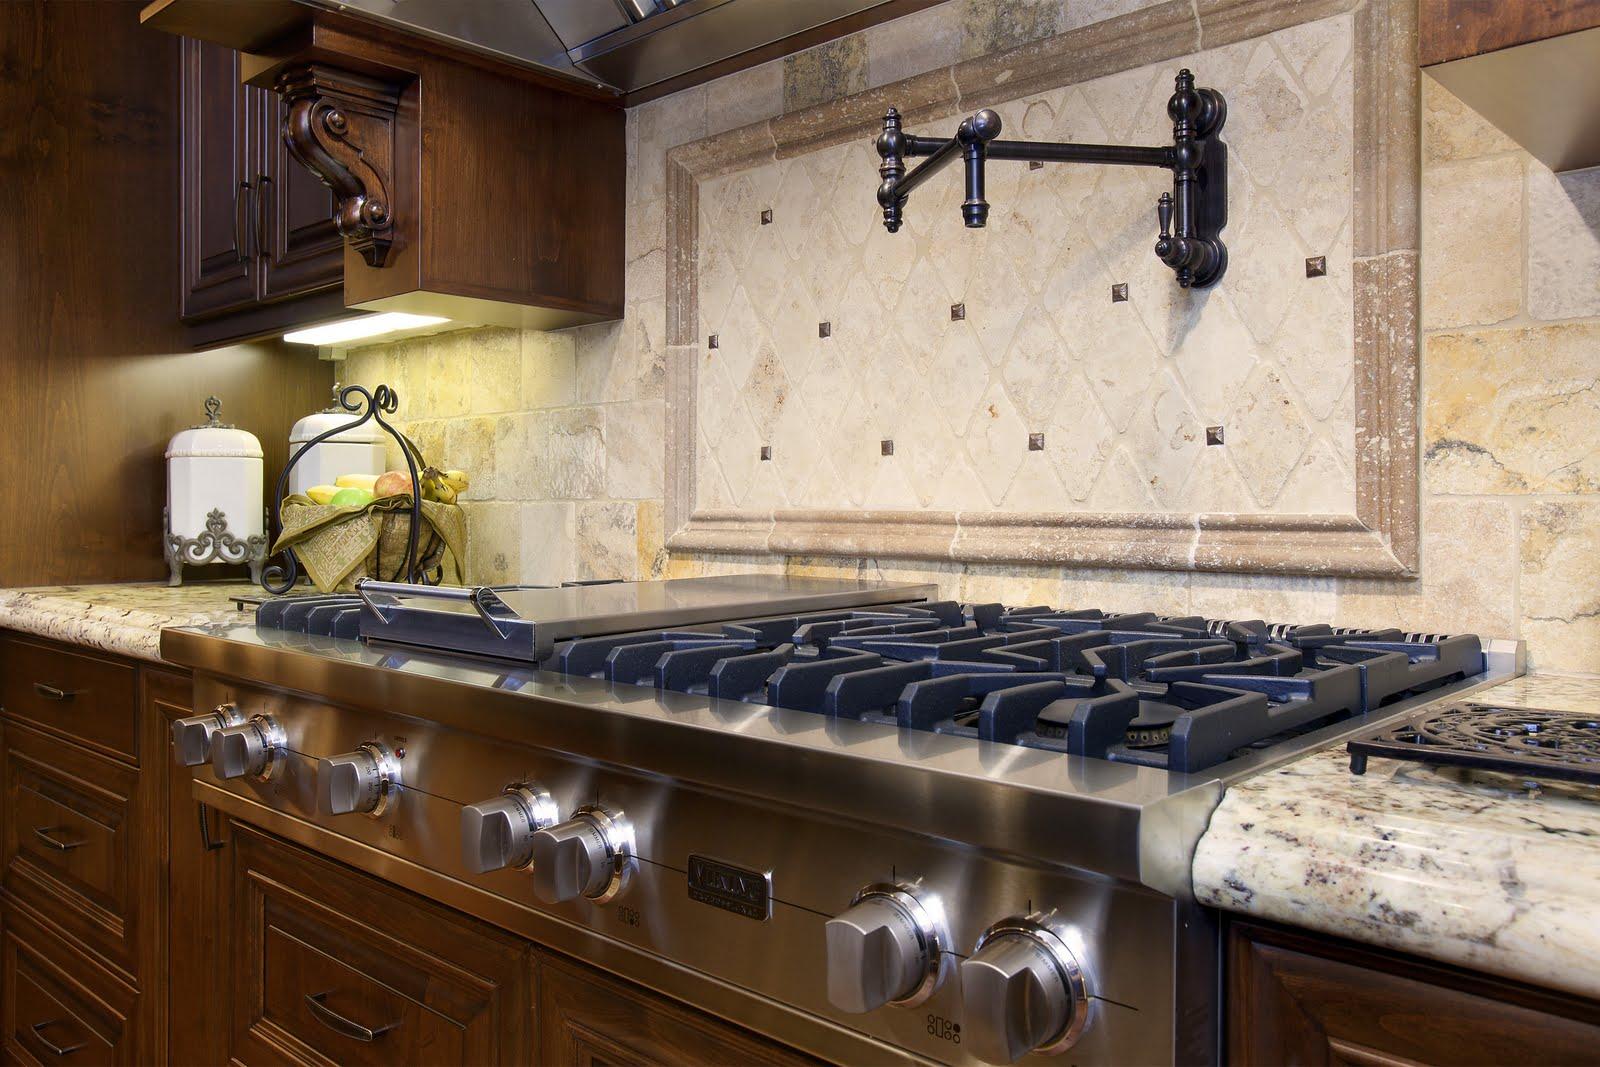 Kitchens By Mdd